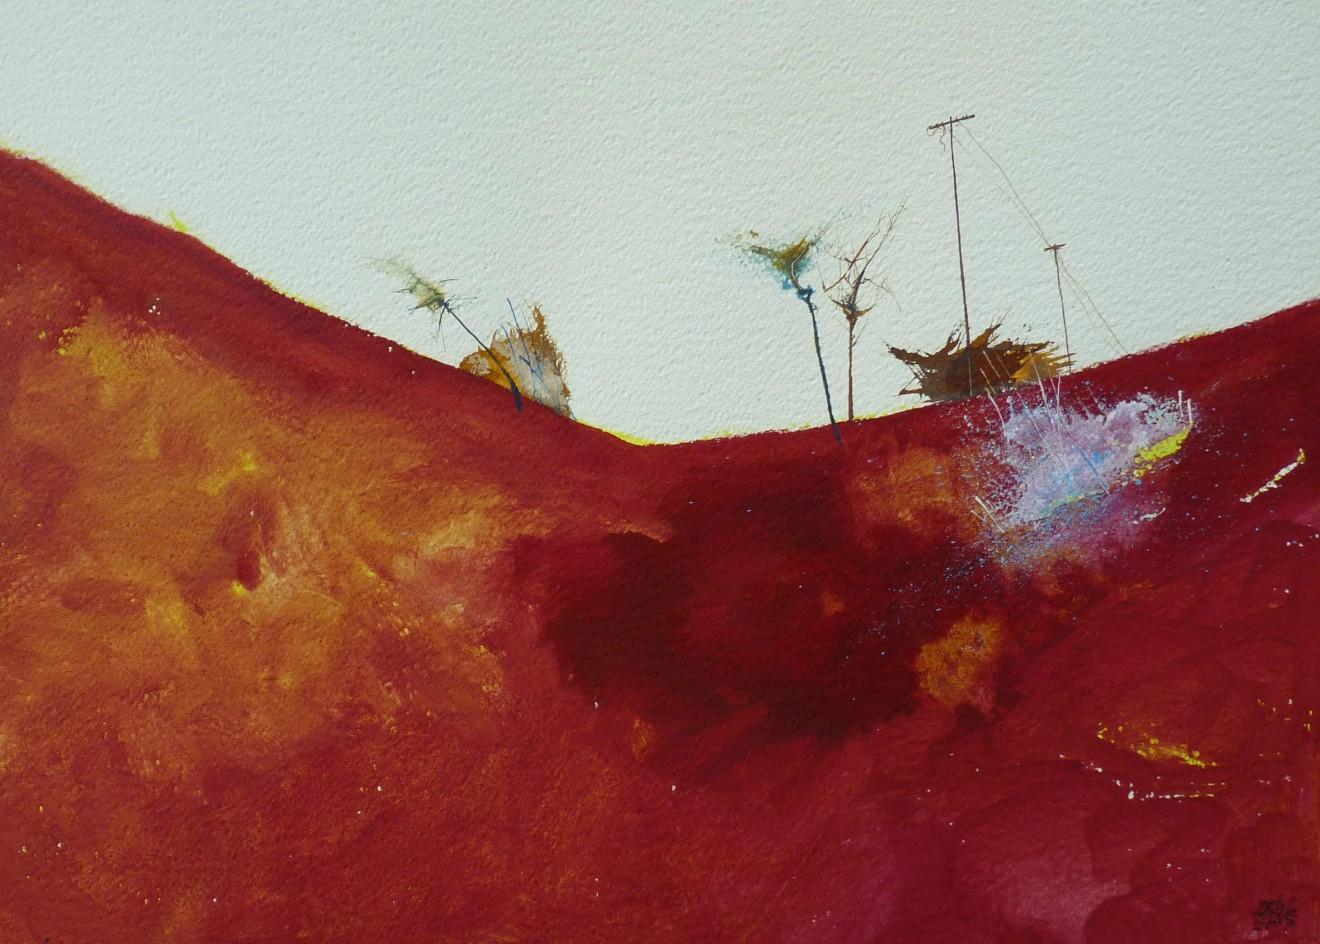 Dewi Tudur, Tip Coch, Toscana / Red Earth, Toscana